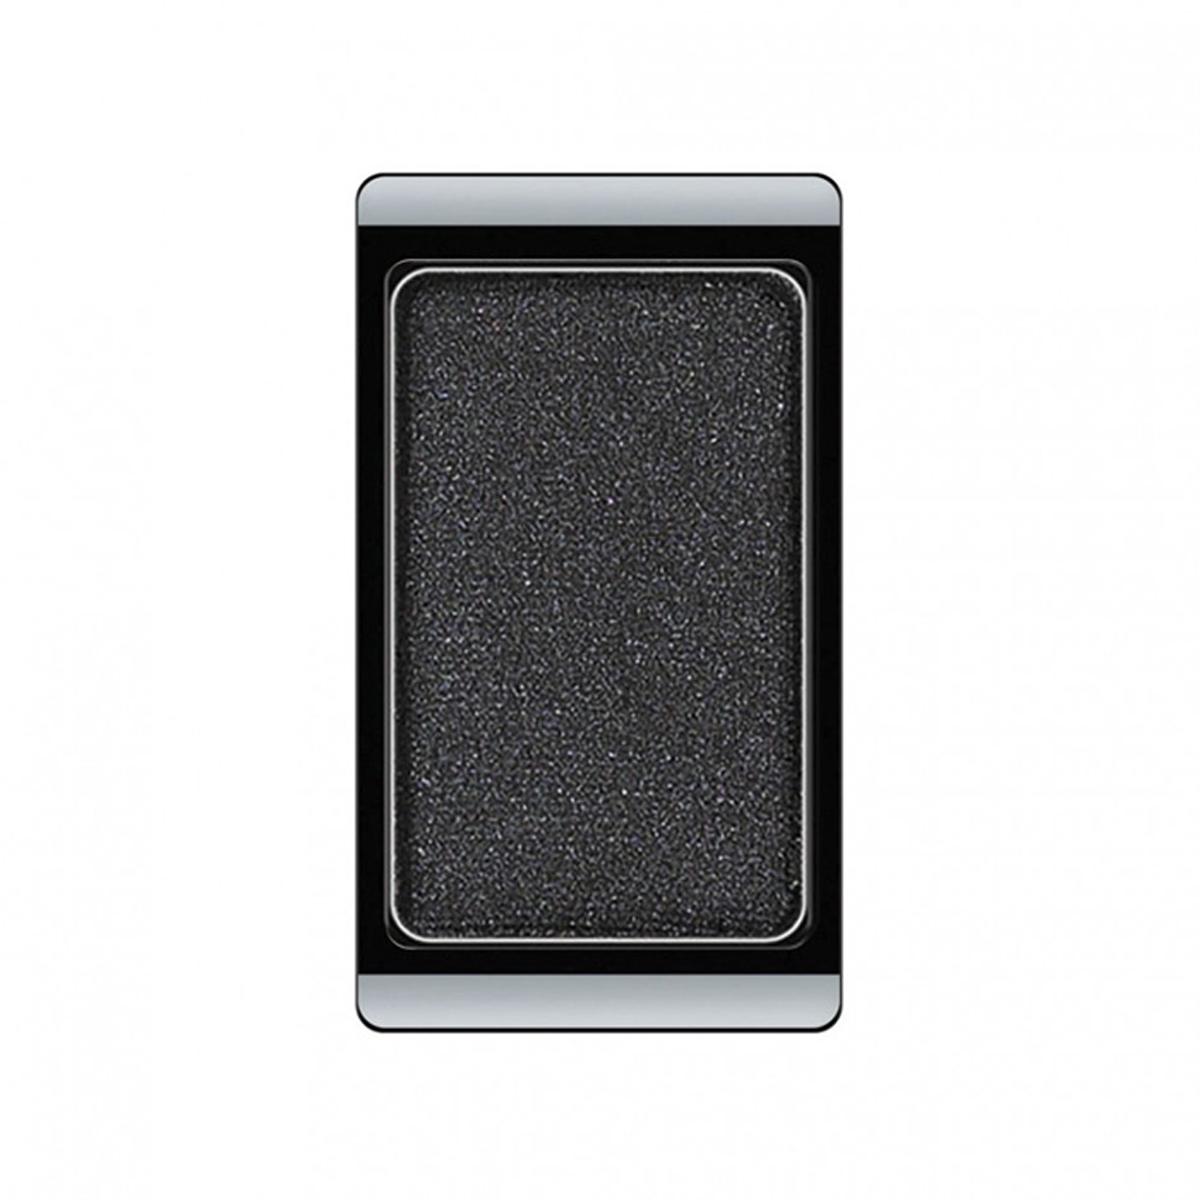 Artdeco Тени для век, перламутровые, 1 цвет, тон №02, 0,8 г30.02Перламутровые тени для век Artdeco придадут вашему взгляду выразительную глубину. Их отличает высокая стойкость и невероятно легкое нанесение. Это профессиональный продукт для несравненного результата! Упаковка на магнитах позволяет комбинировать тени по вашему выбору в элегантные коробочки. Тени Artdeco дарят возможность почувствовать себя своим собственным художником по макияжу! Характеристики:Вес: 0,8 г. Тон: №02. Производитель: Германия. Артикул: 30.02. Товар сертифицирован.